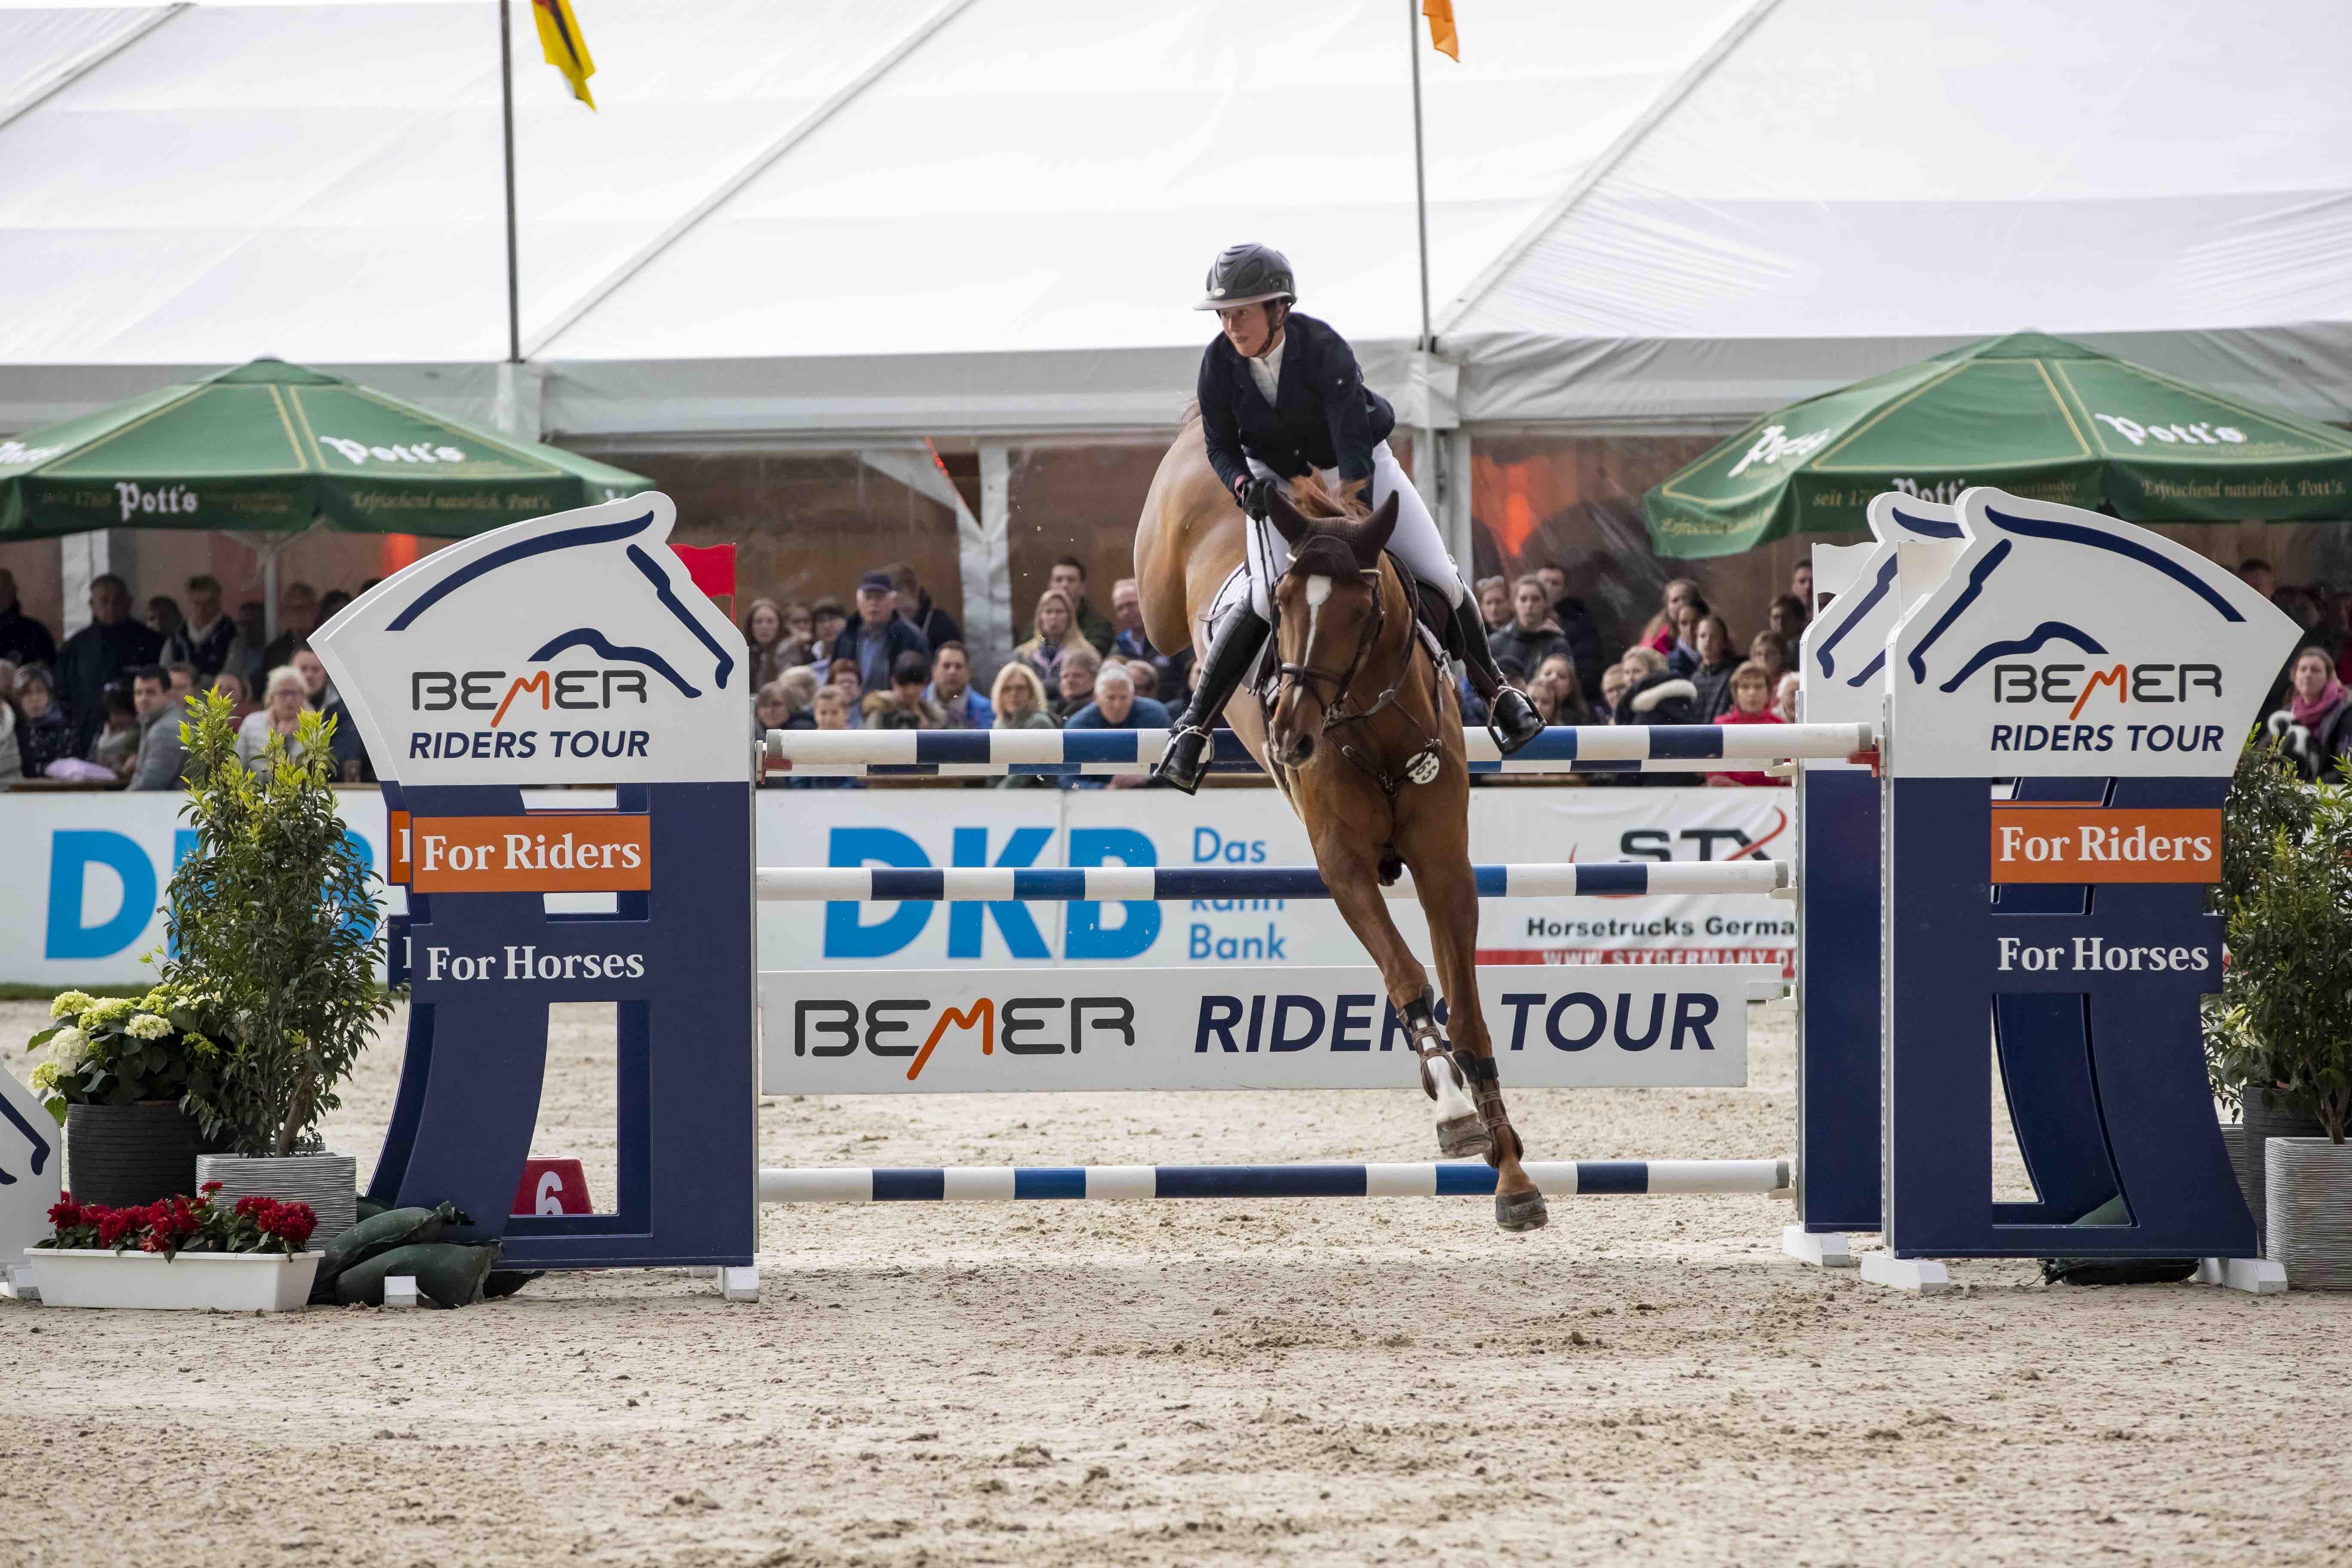 Dreamteam - Katrin und Caleya gewinnen Auftakt der BEMER Riders Tour